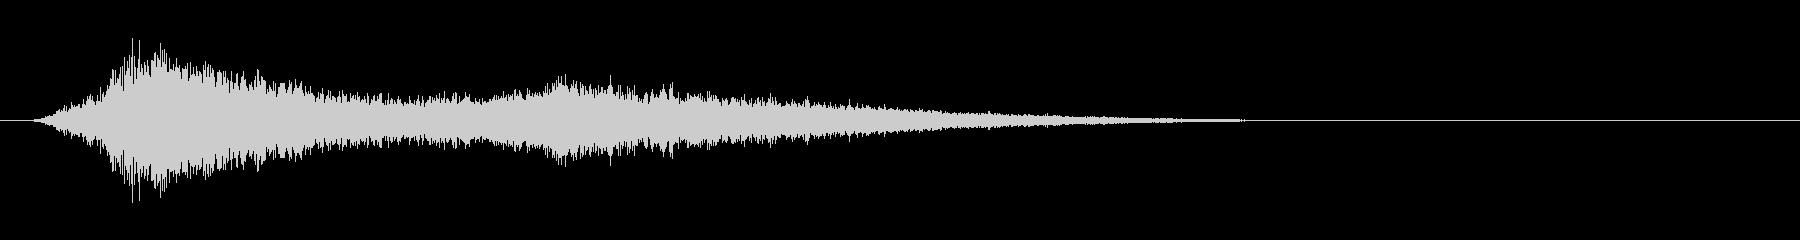 フェーズ付きの低速高周波電子フィー...の未再生の波形